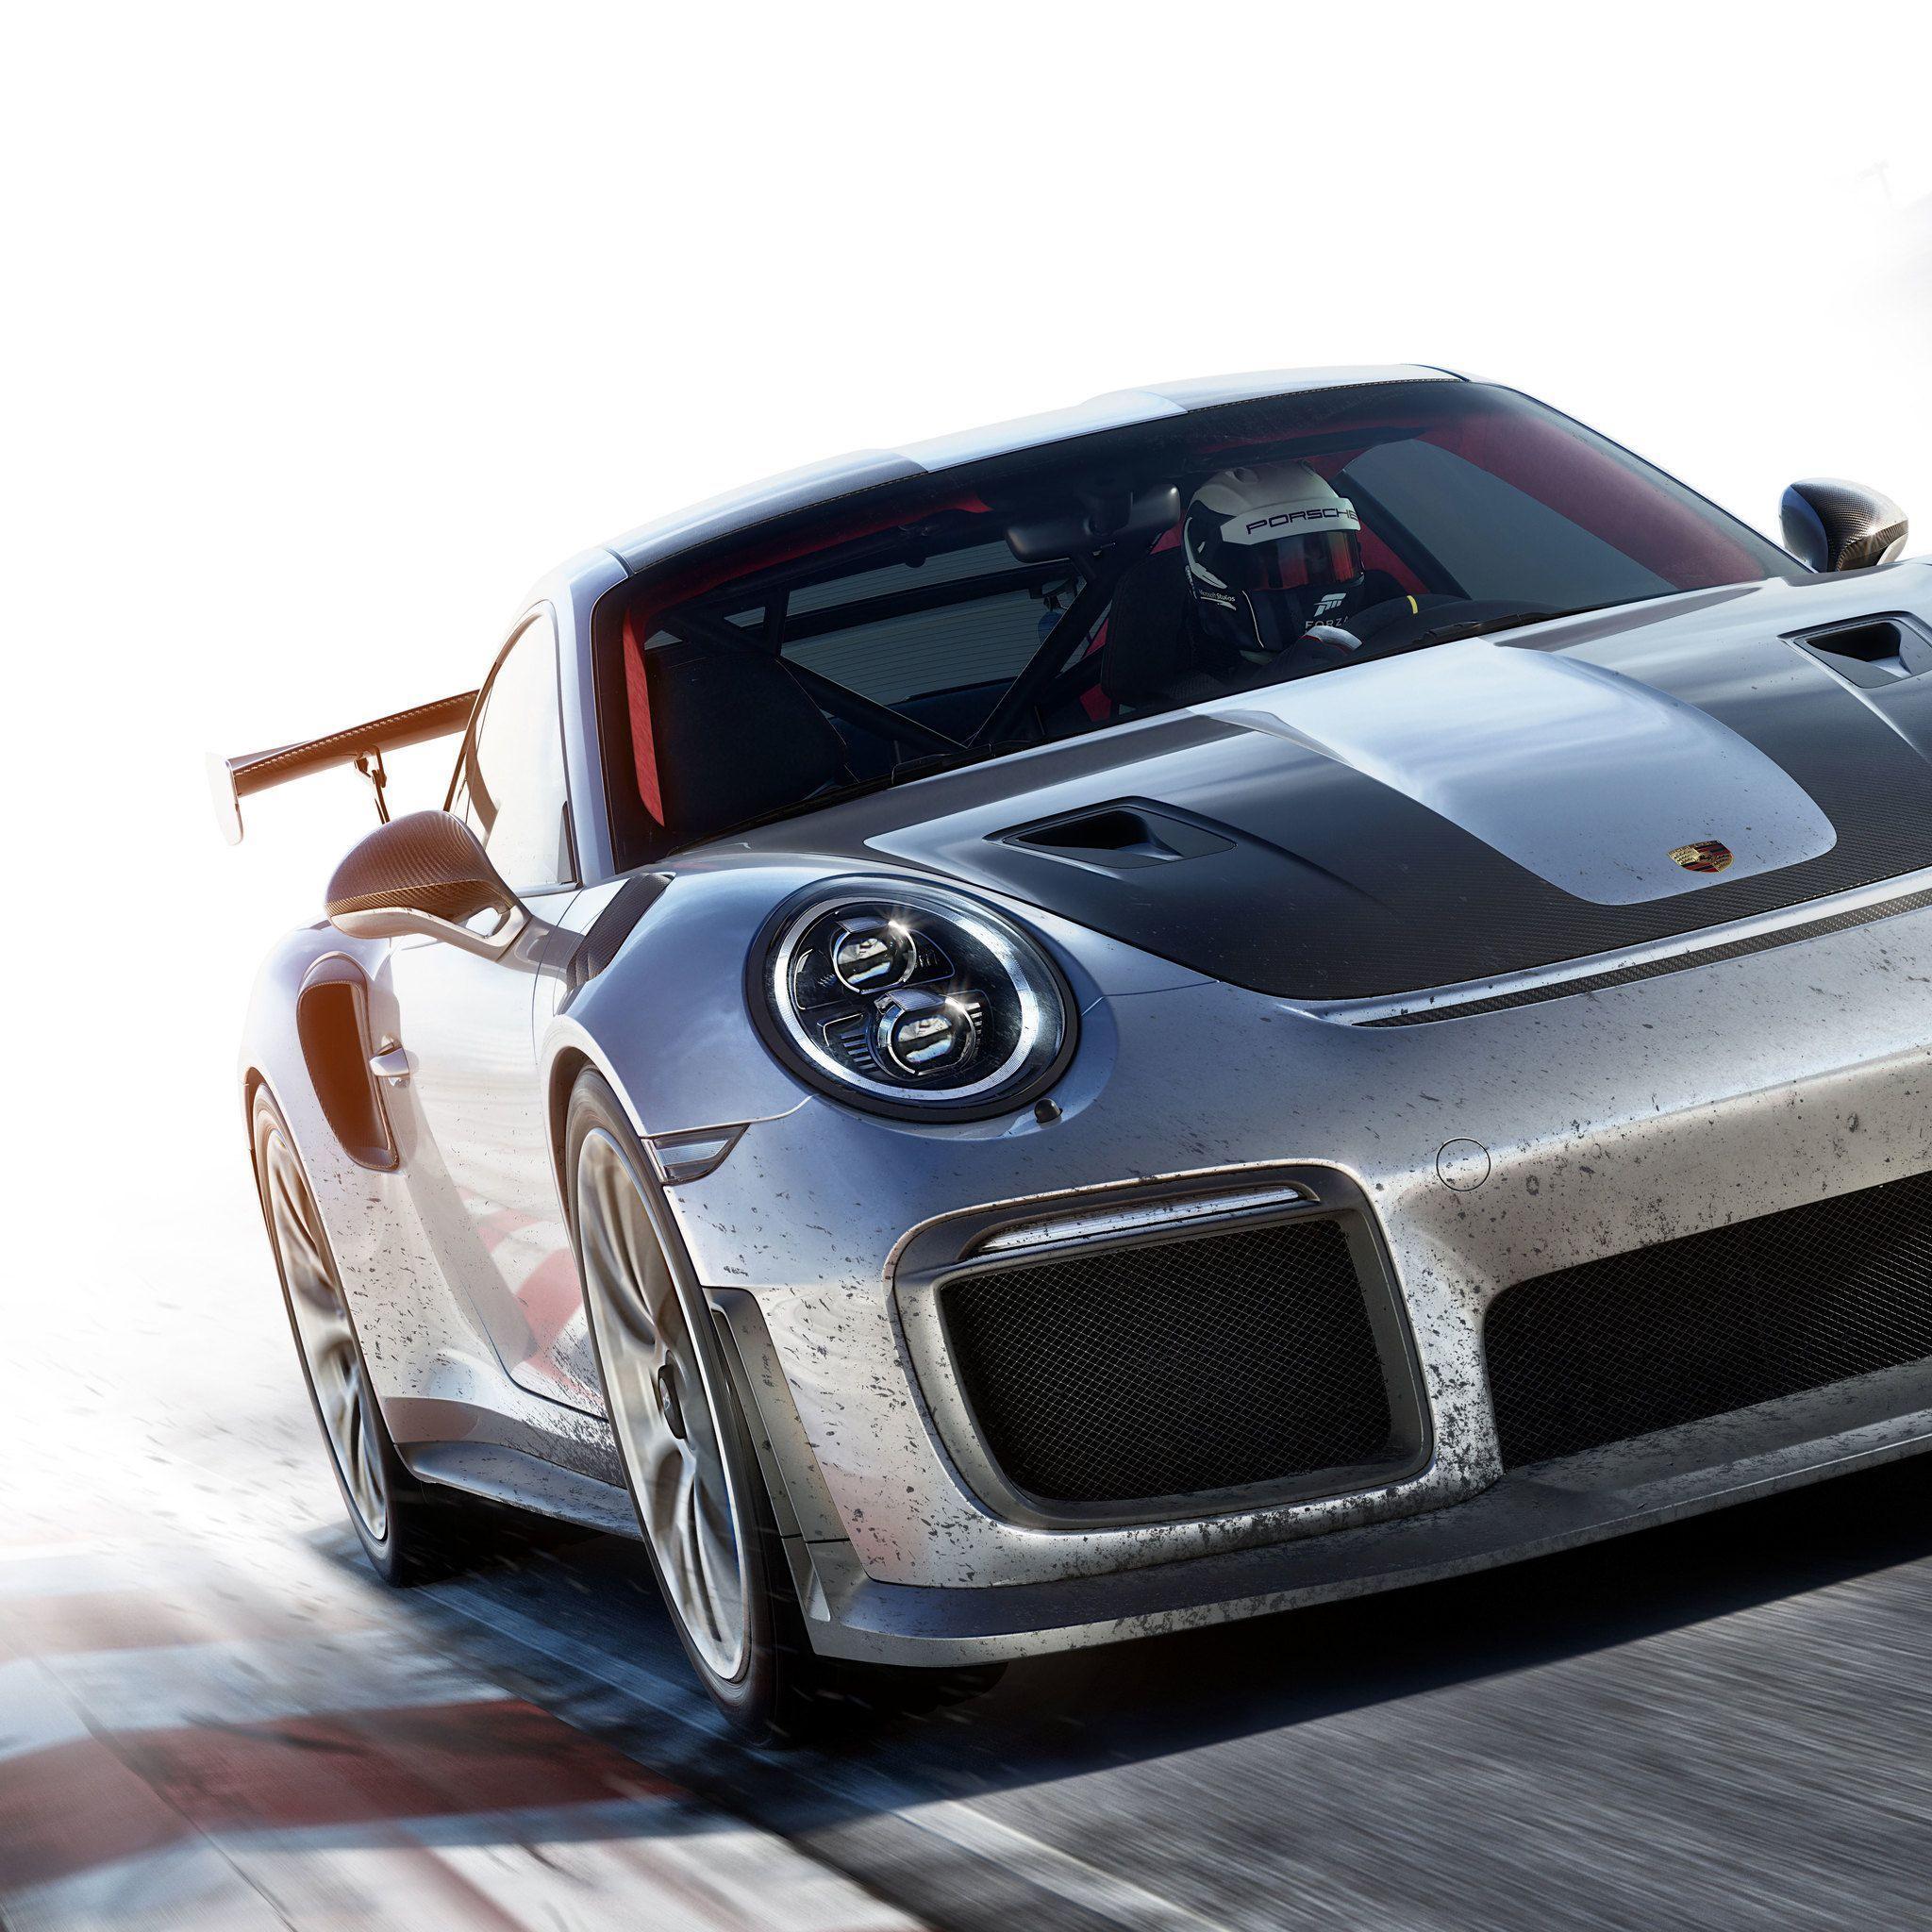 2560x1440 Porsche 911 GT3 RS 4K Wallpaper